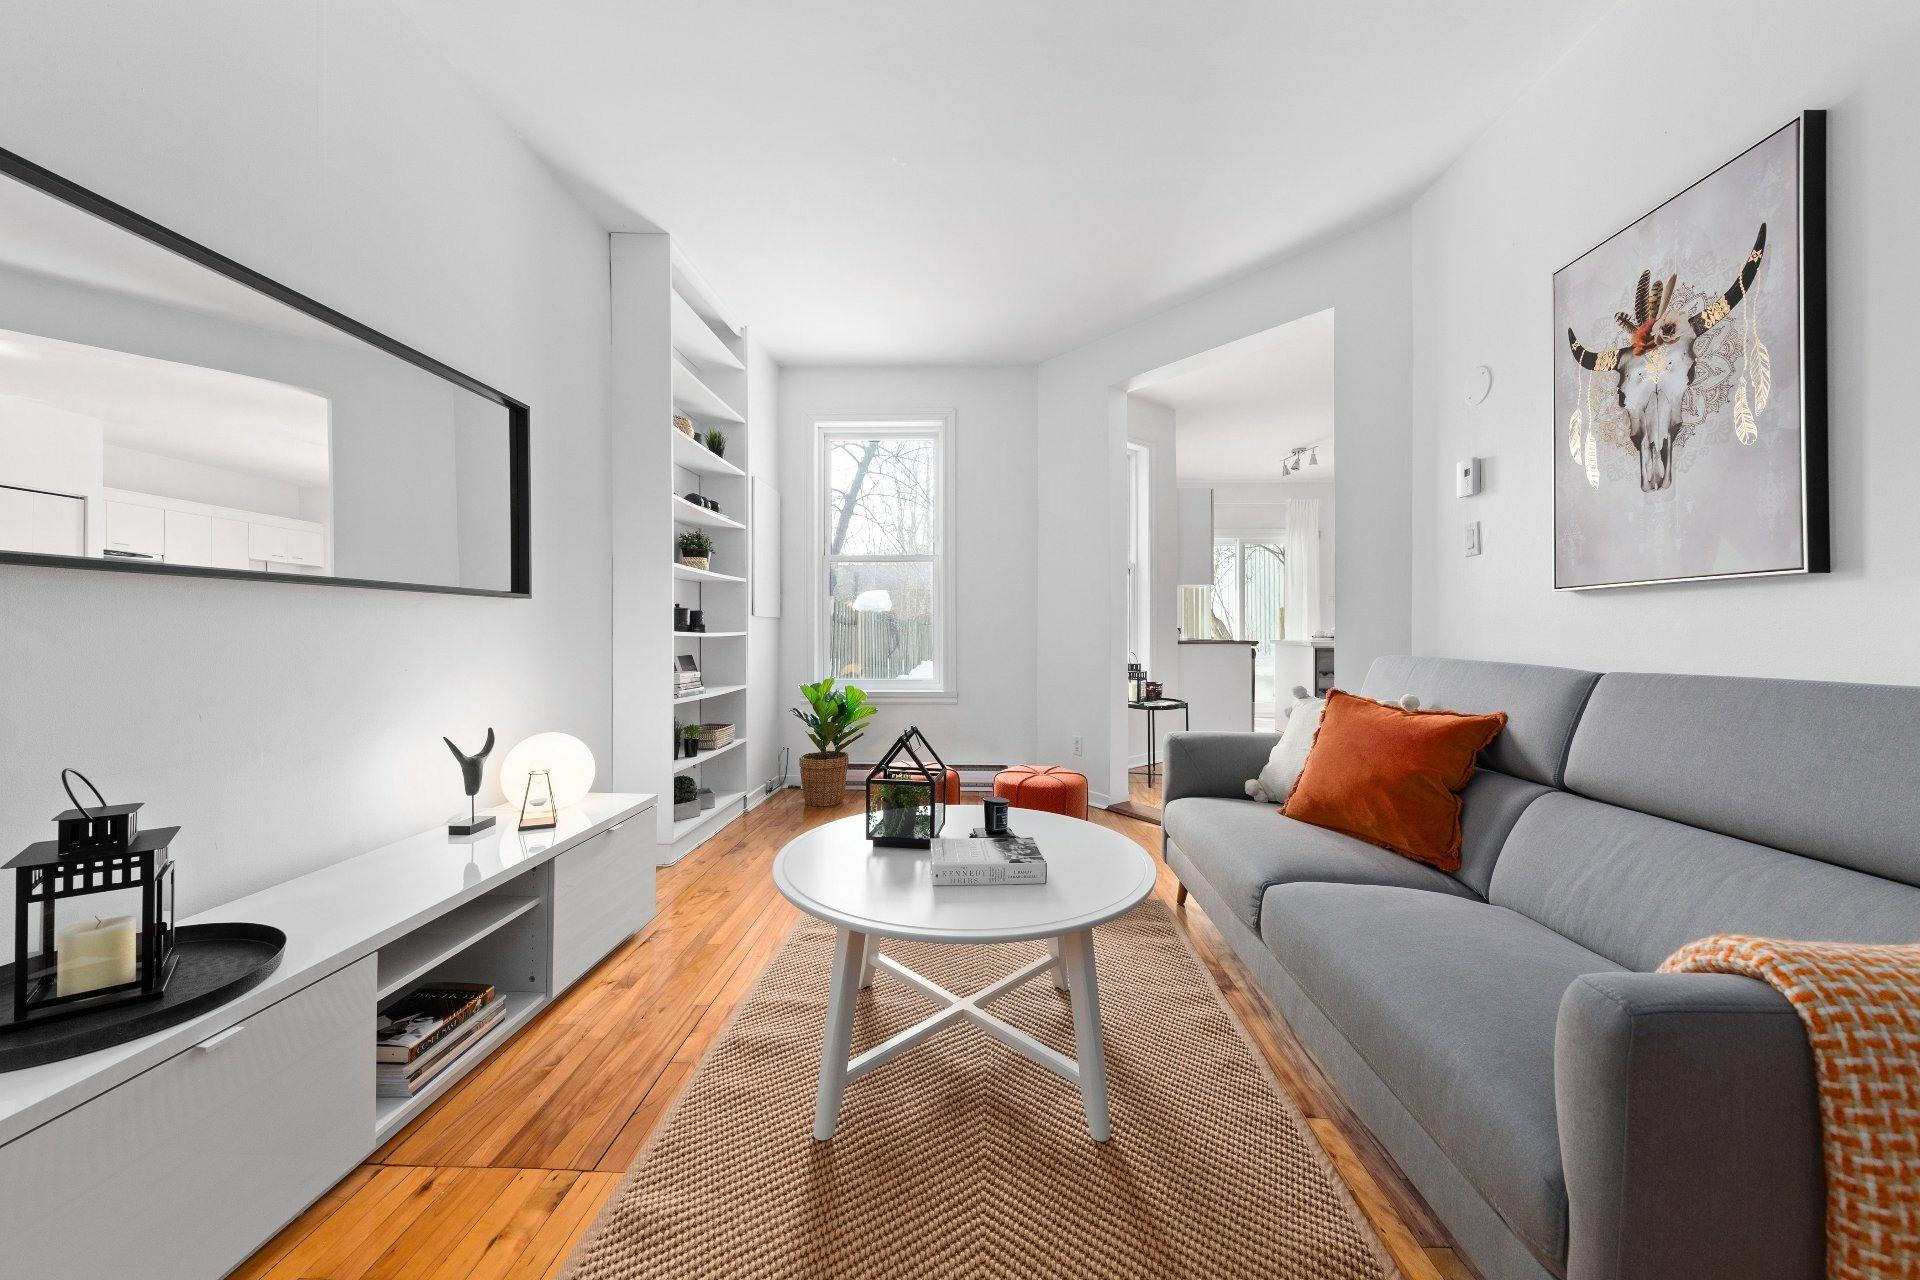 image 9 - Maison À vendre Le Plateau-Mont-Royal Montréal  - 10 pièces